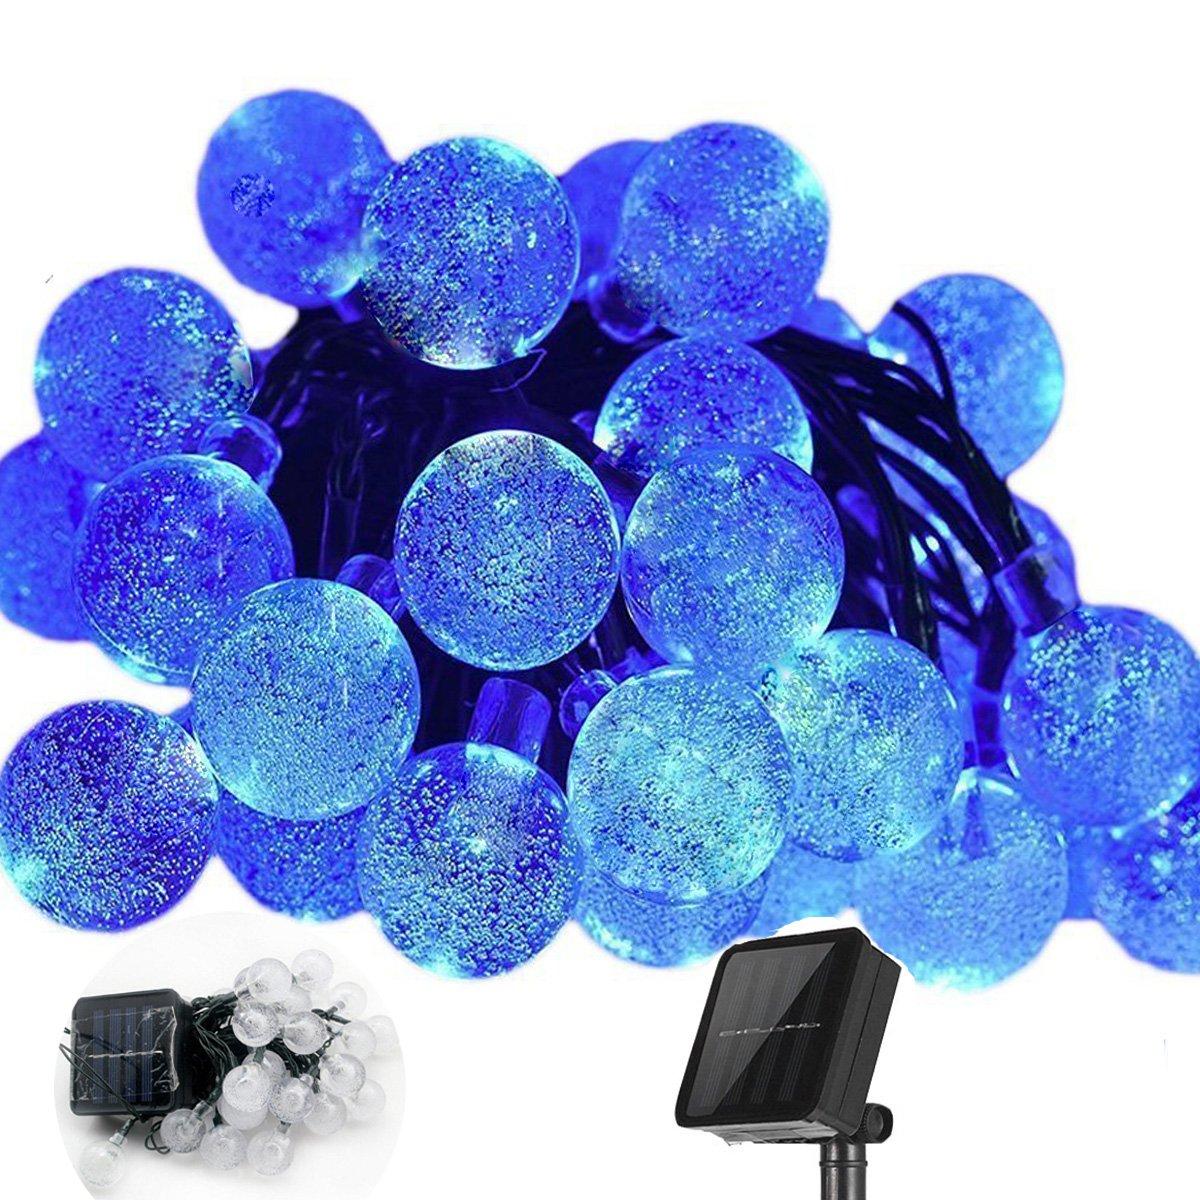 Luci Solari Sfera di Cristallo, KEEDA Impermeabile 20 Piedi 30 LED String Luci, Solare Globe Sfera Natalizia, Luci Solari per il Giardino Esterno Decorazioni Della Festa (Bianca)